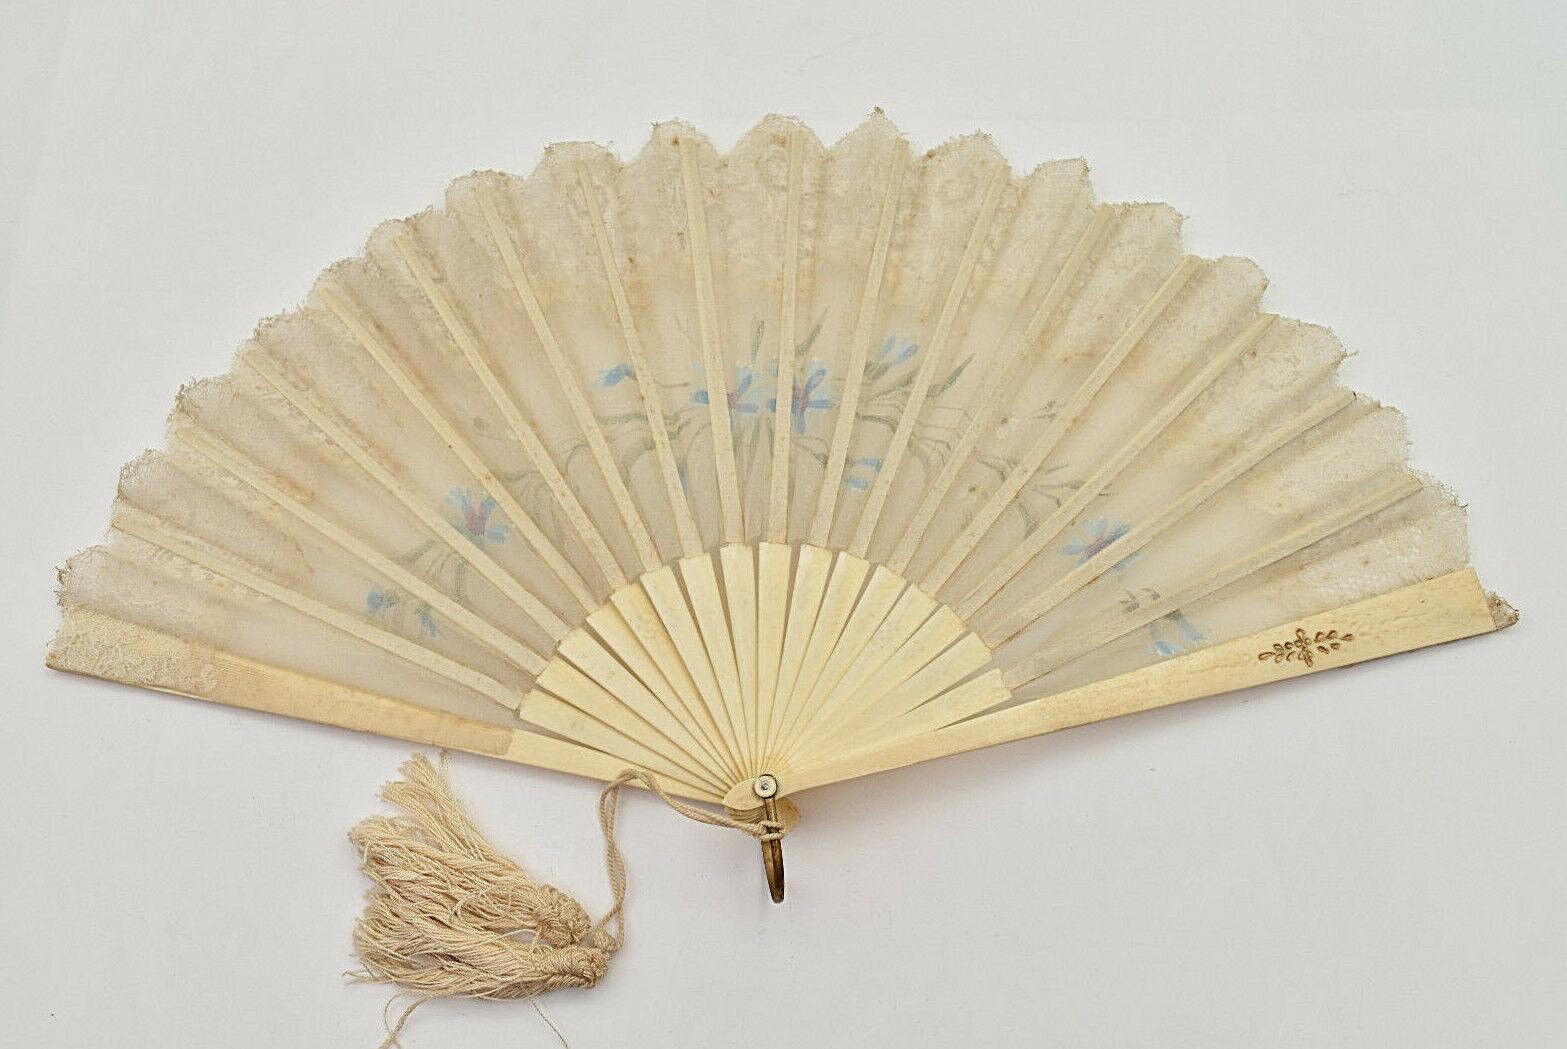 Eventail mousseline gouachée décor floral dentelle painted muslin fan